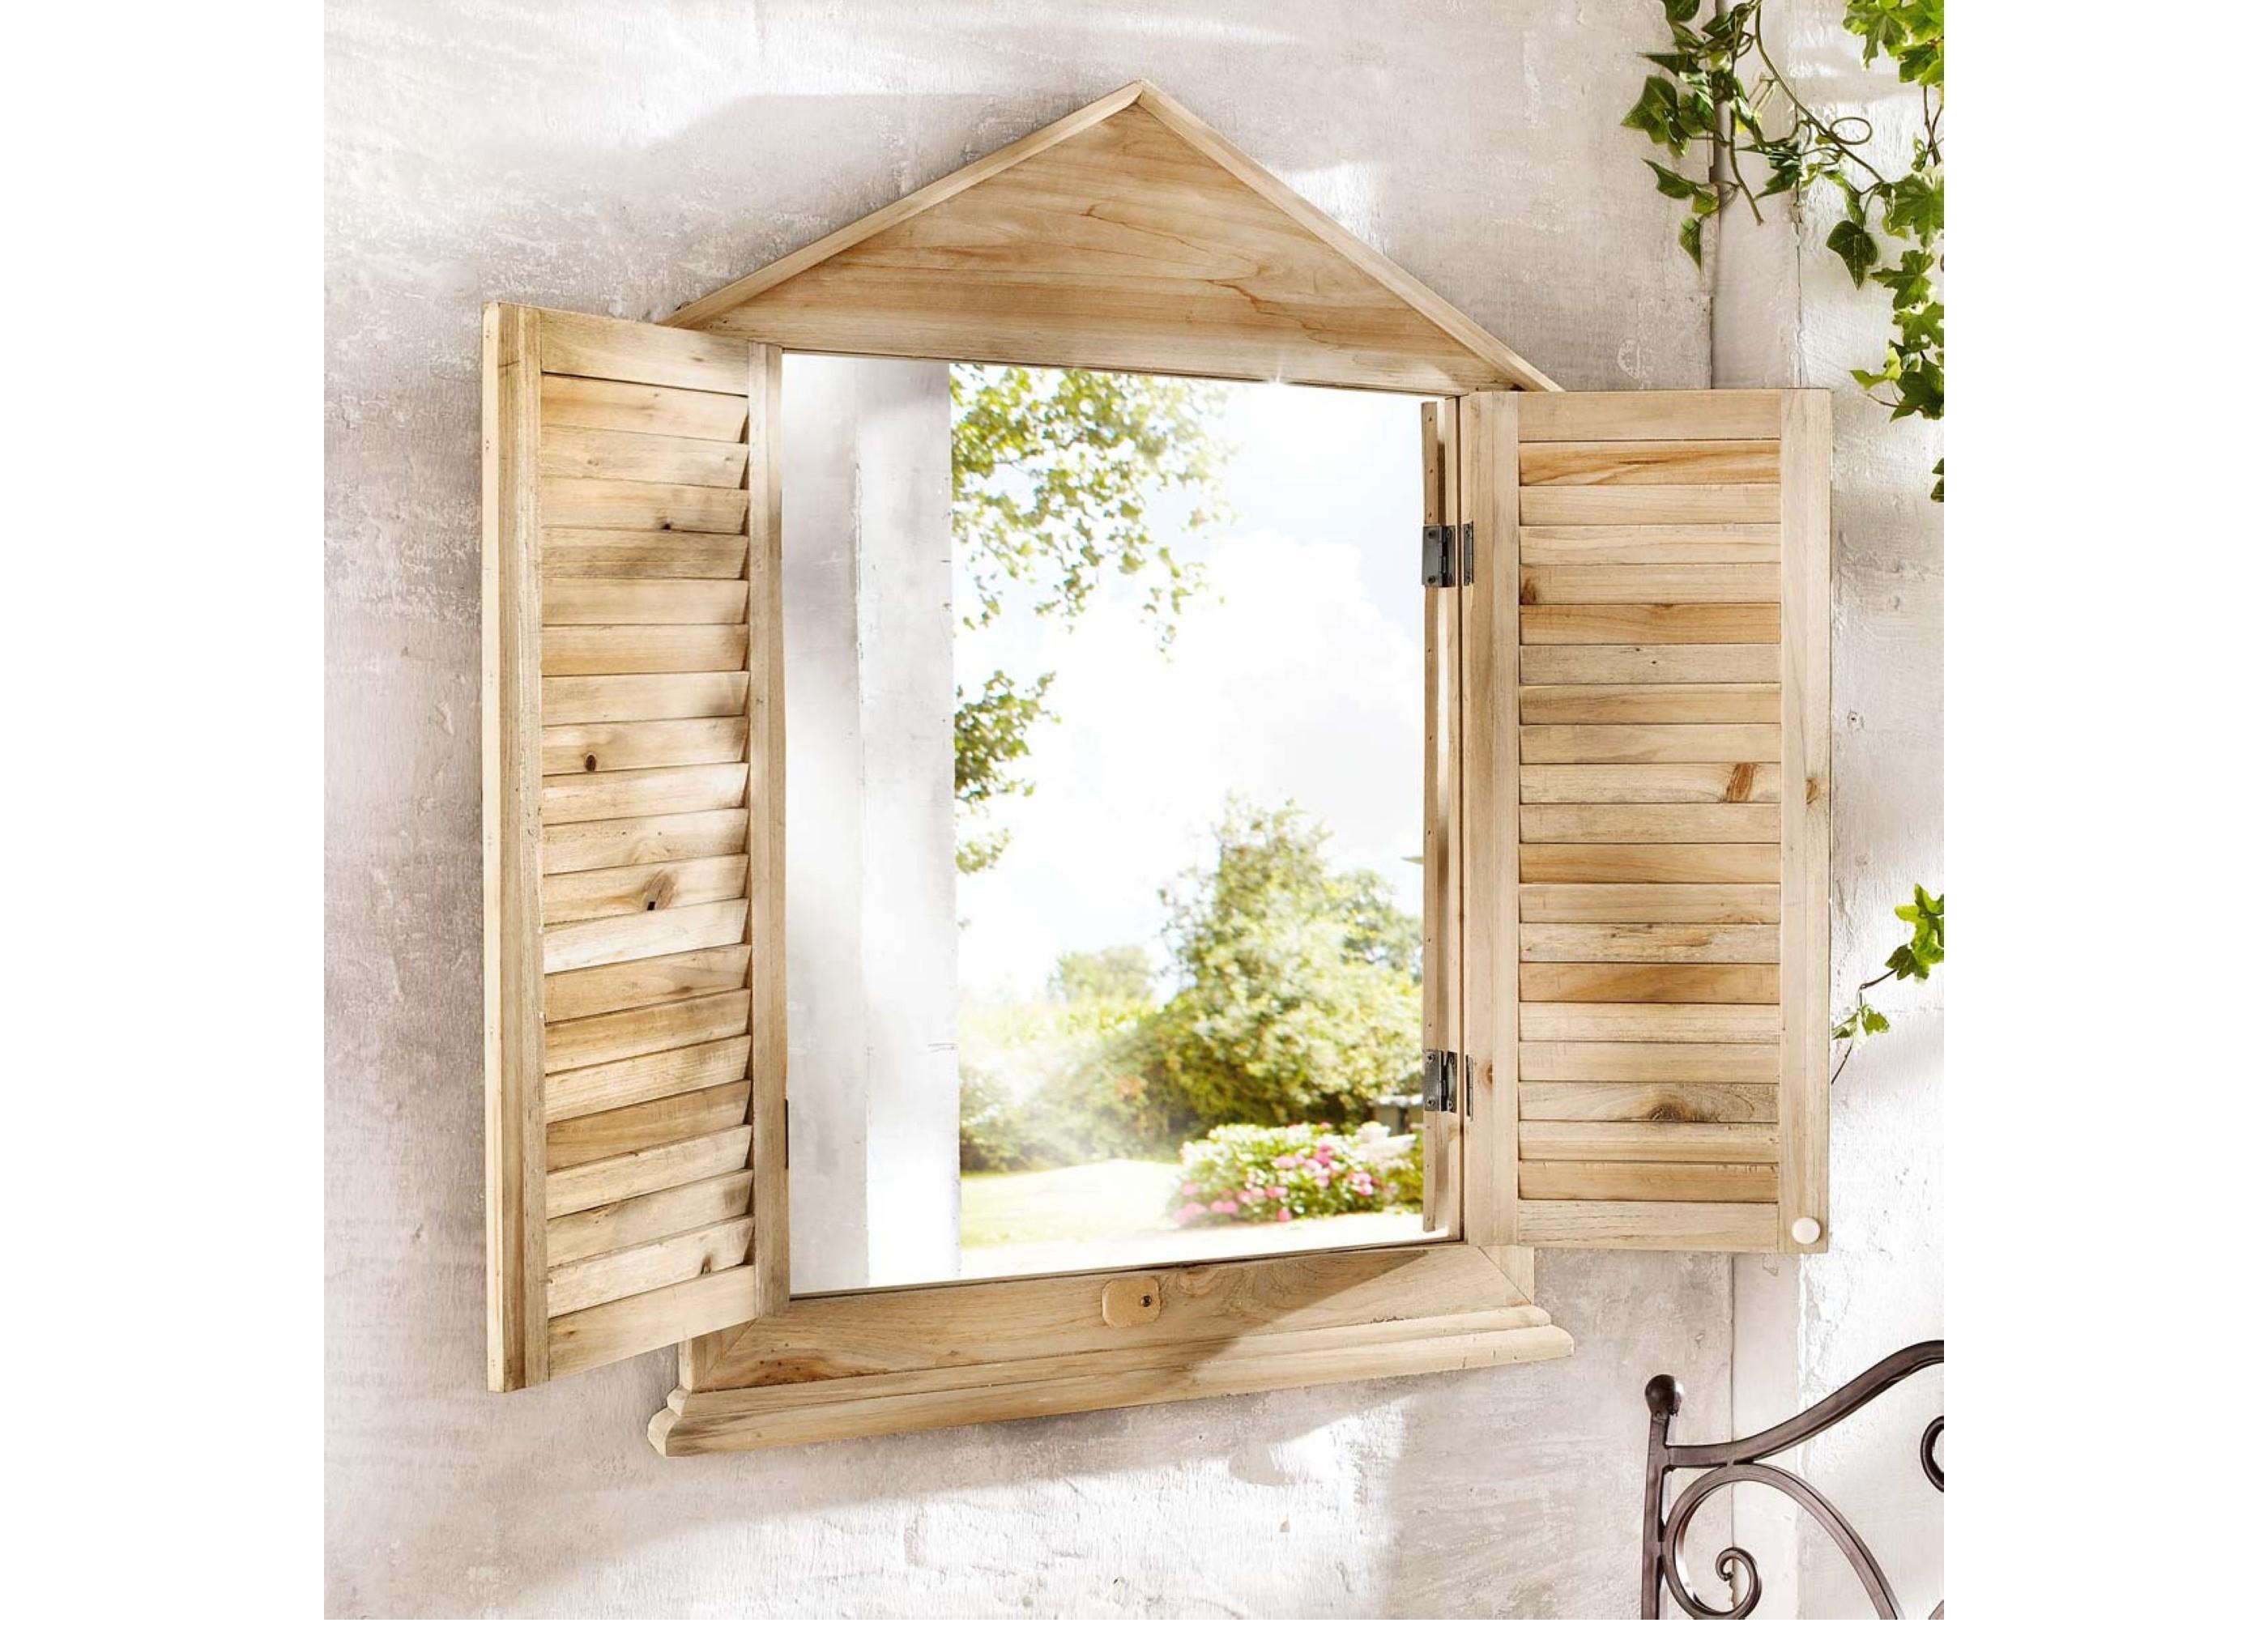 spiegel fensterladen holz kleinm bel. Black Bedroom Furniture Sets. Home Design Ideas